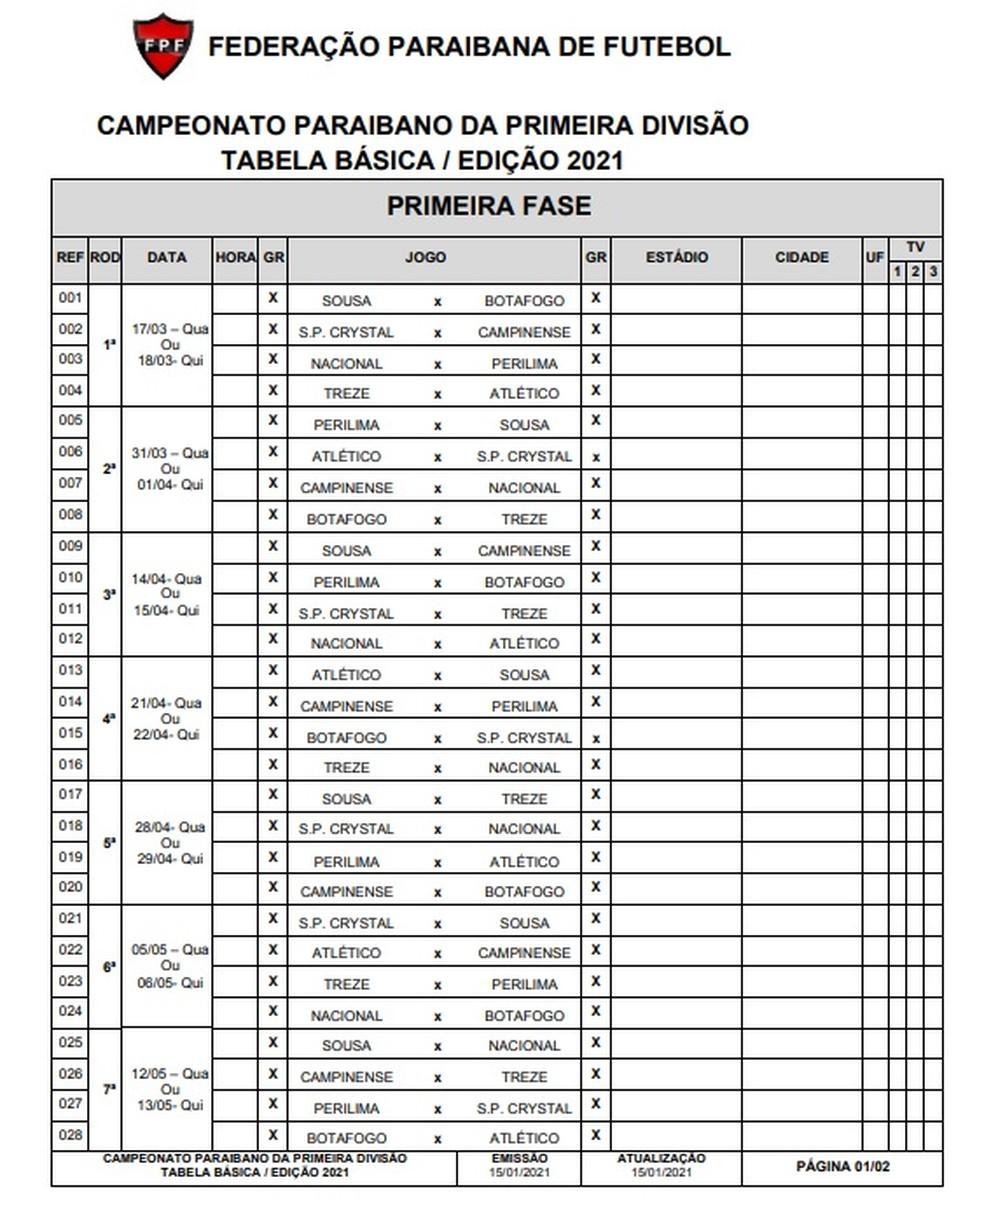 Tabela básica da primeira fase do Campeonato Paraibano de 2021 — Foto: Reprodução / FPF